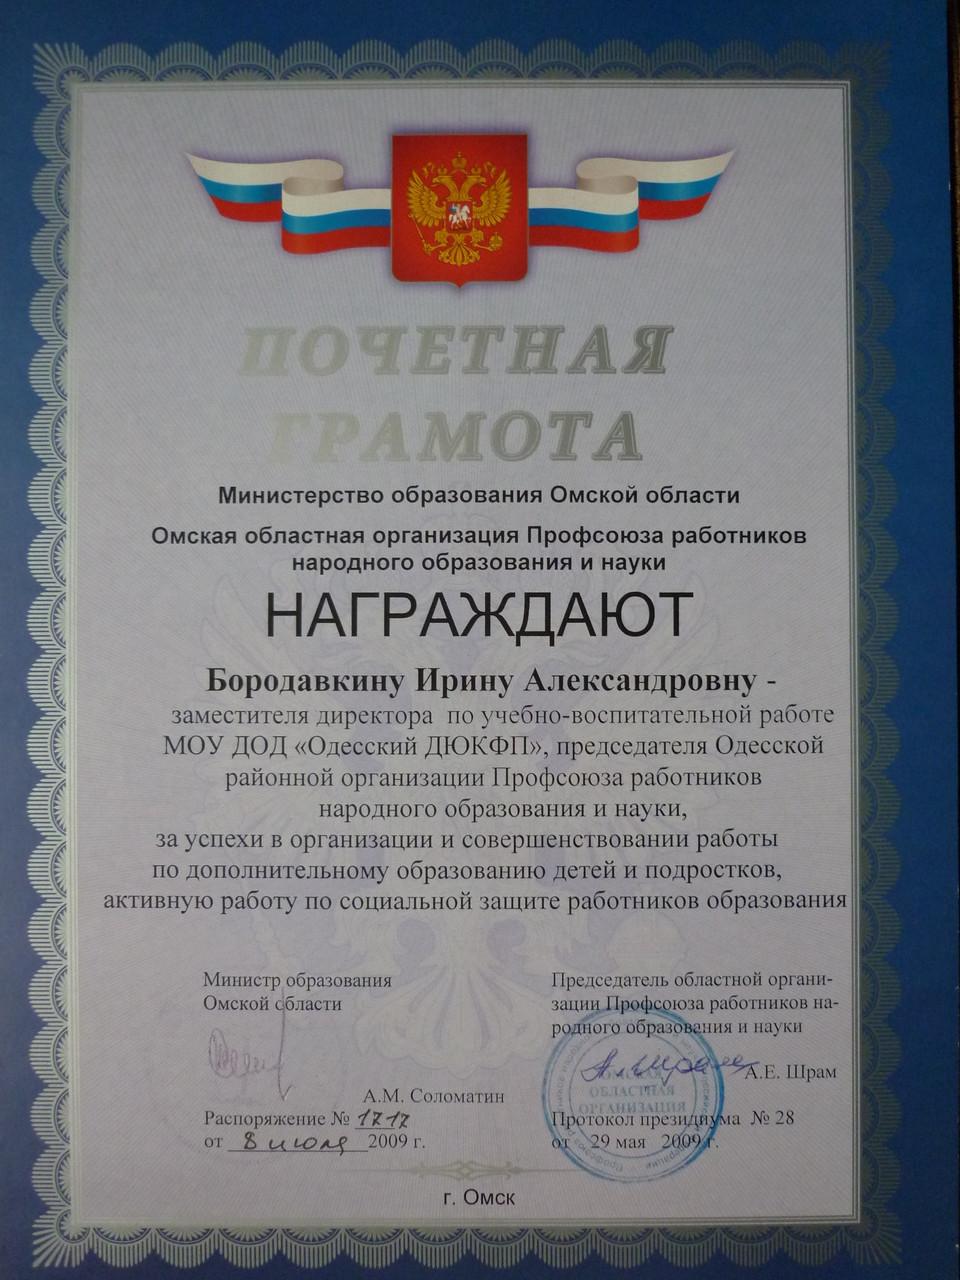 Почетная грамота Министерства образования Омской области, 2009 г.